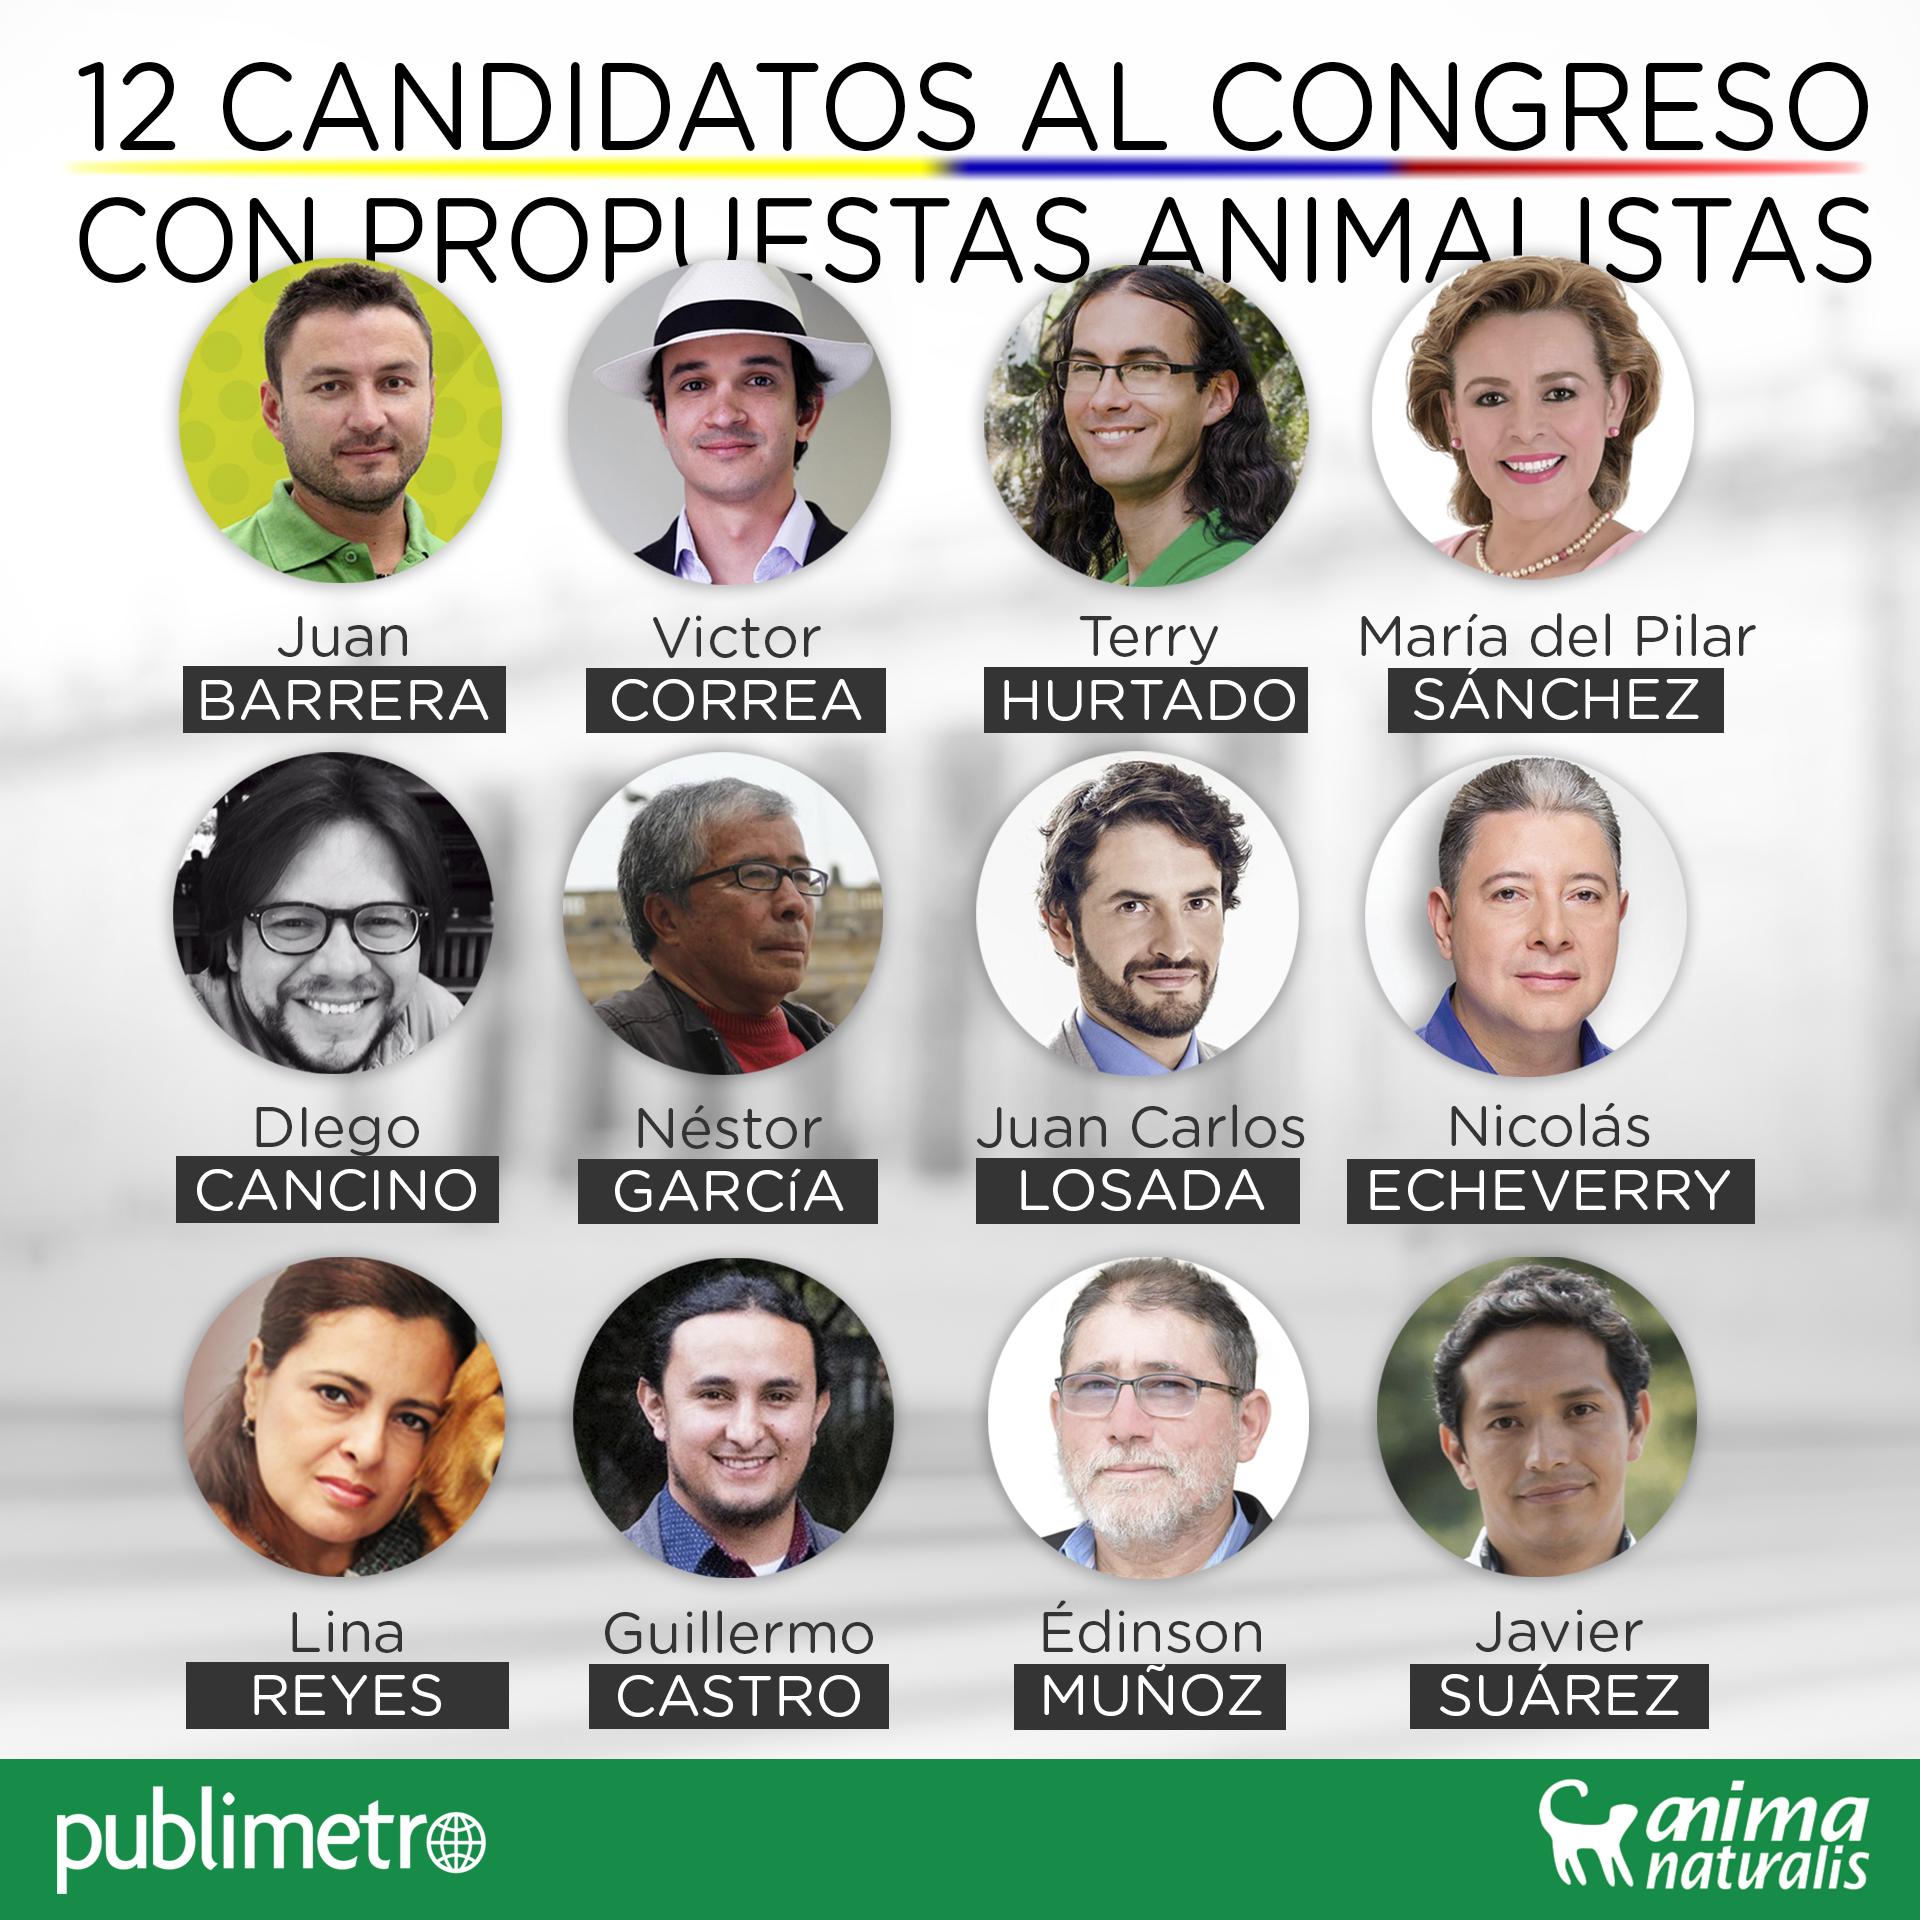 12 candidatos al Congreso con propuestas animalistas